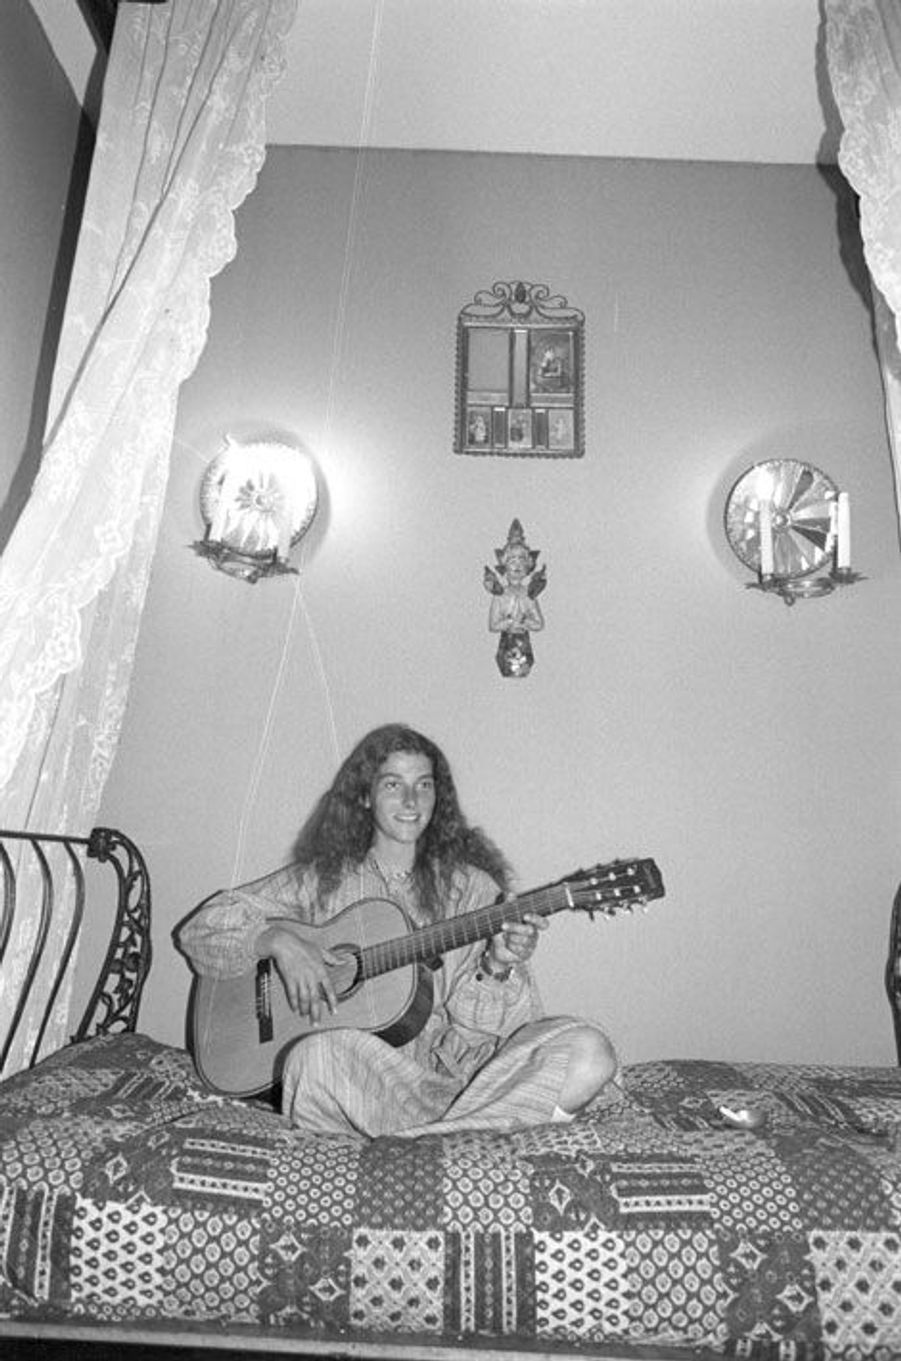 Florence Arthaud chez elle à Paris dans la grande maison familiale, jouant de la guitare assise en tailleur sur son lit à baldaquin dans sa chambre.